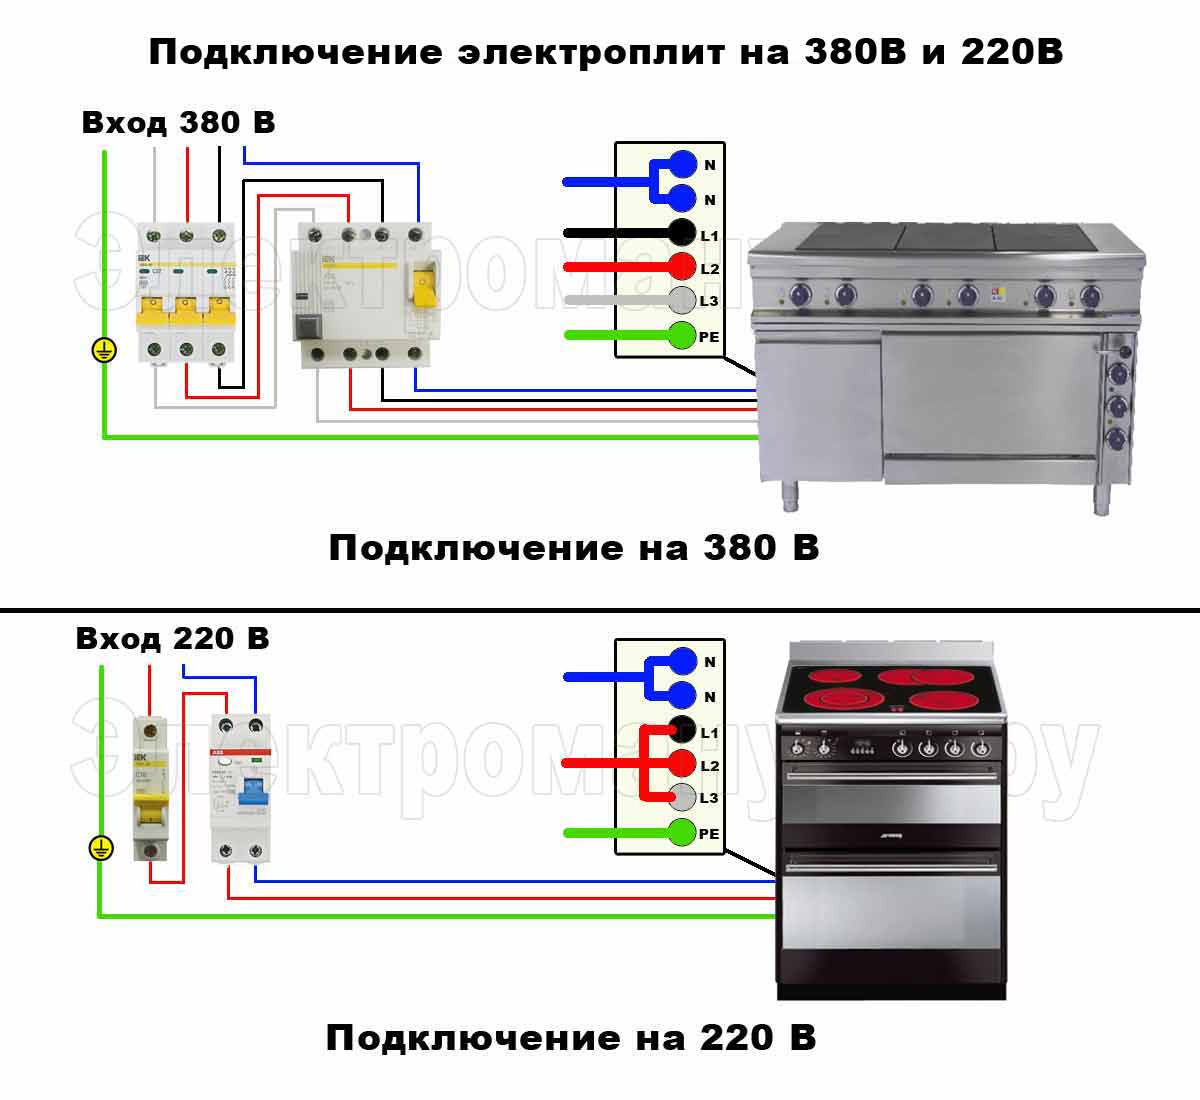 Подключение электроплиты к электросети.